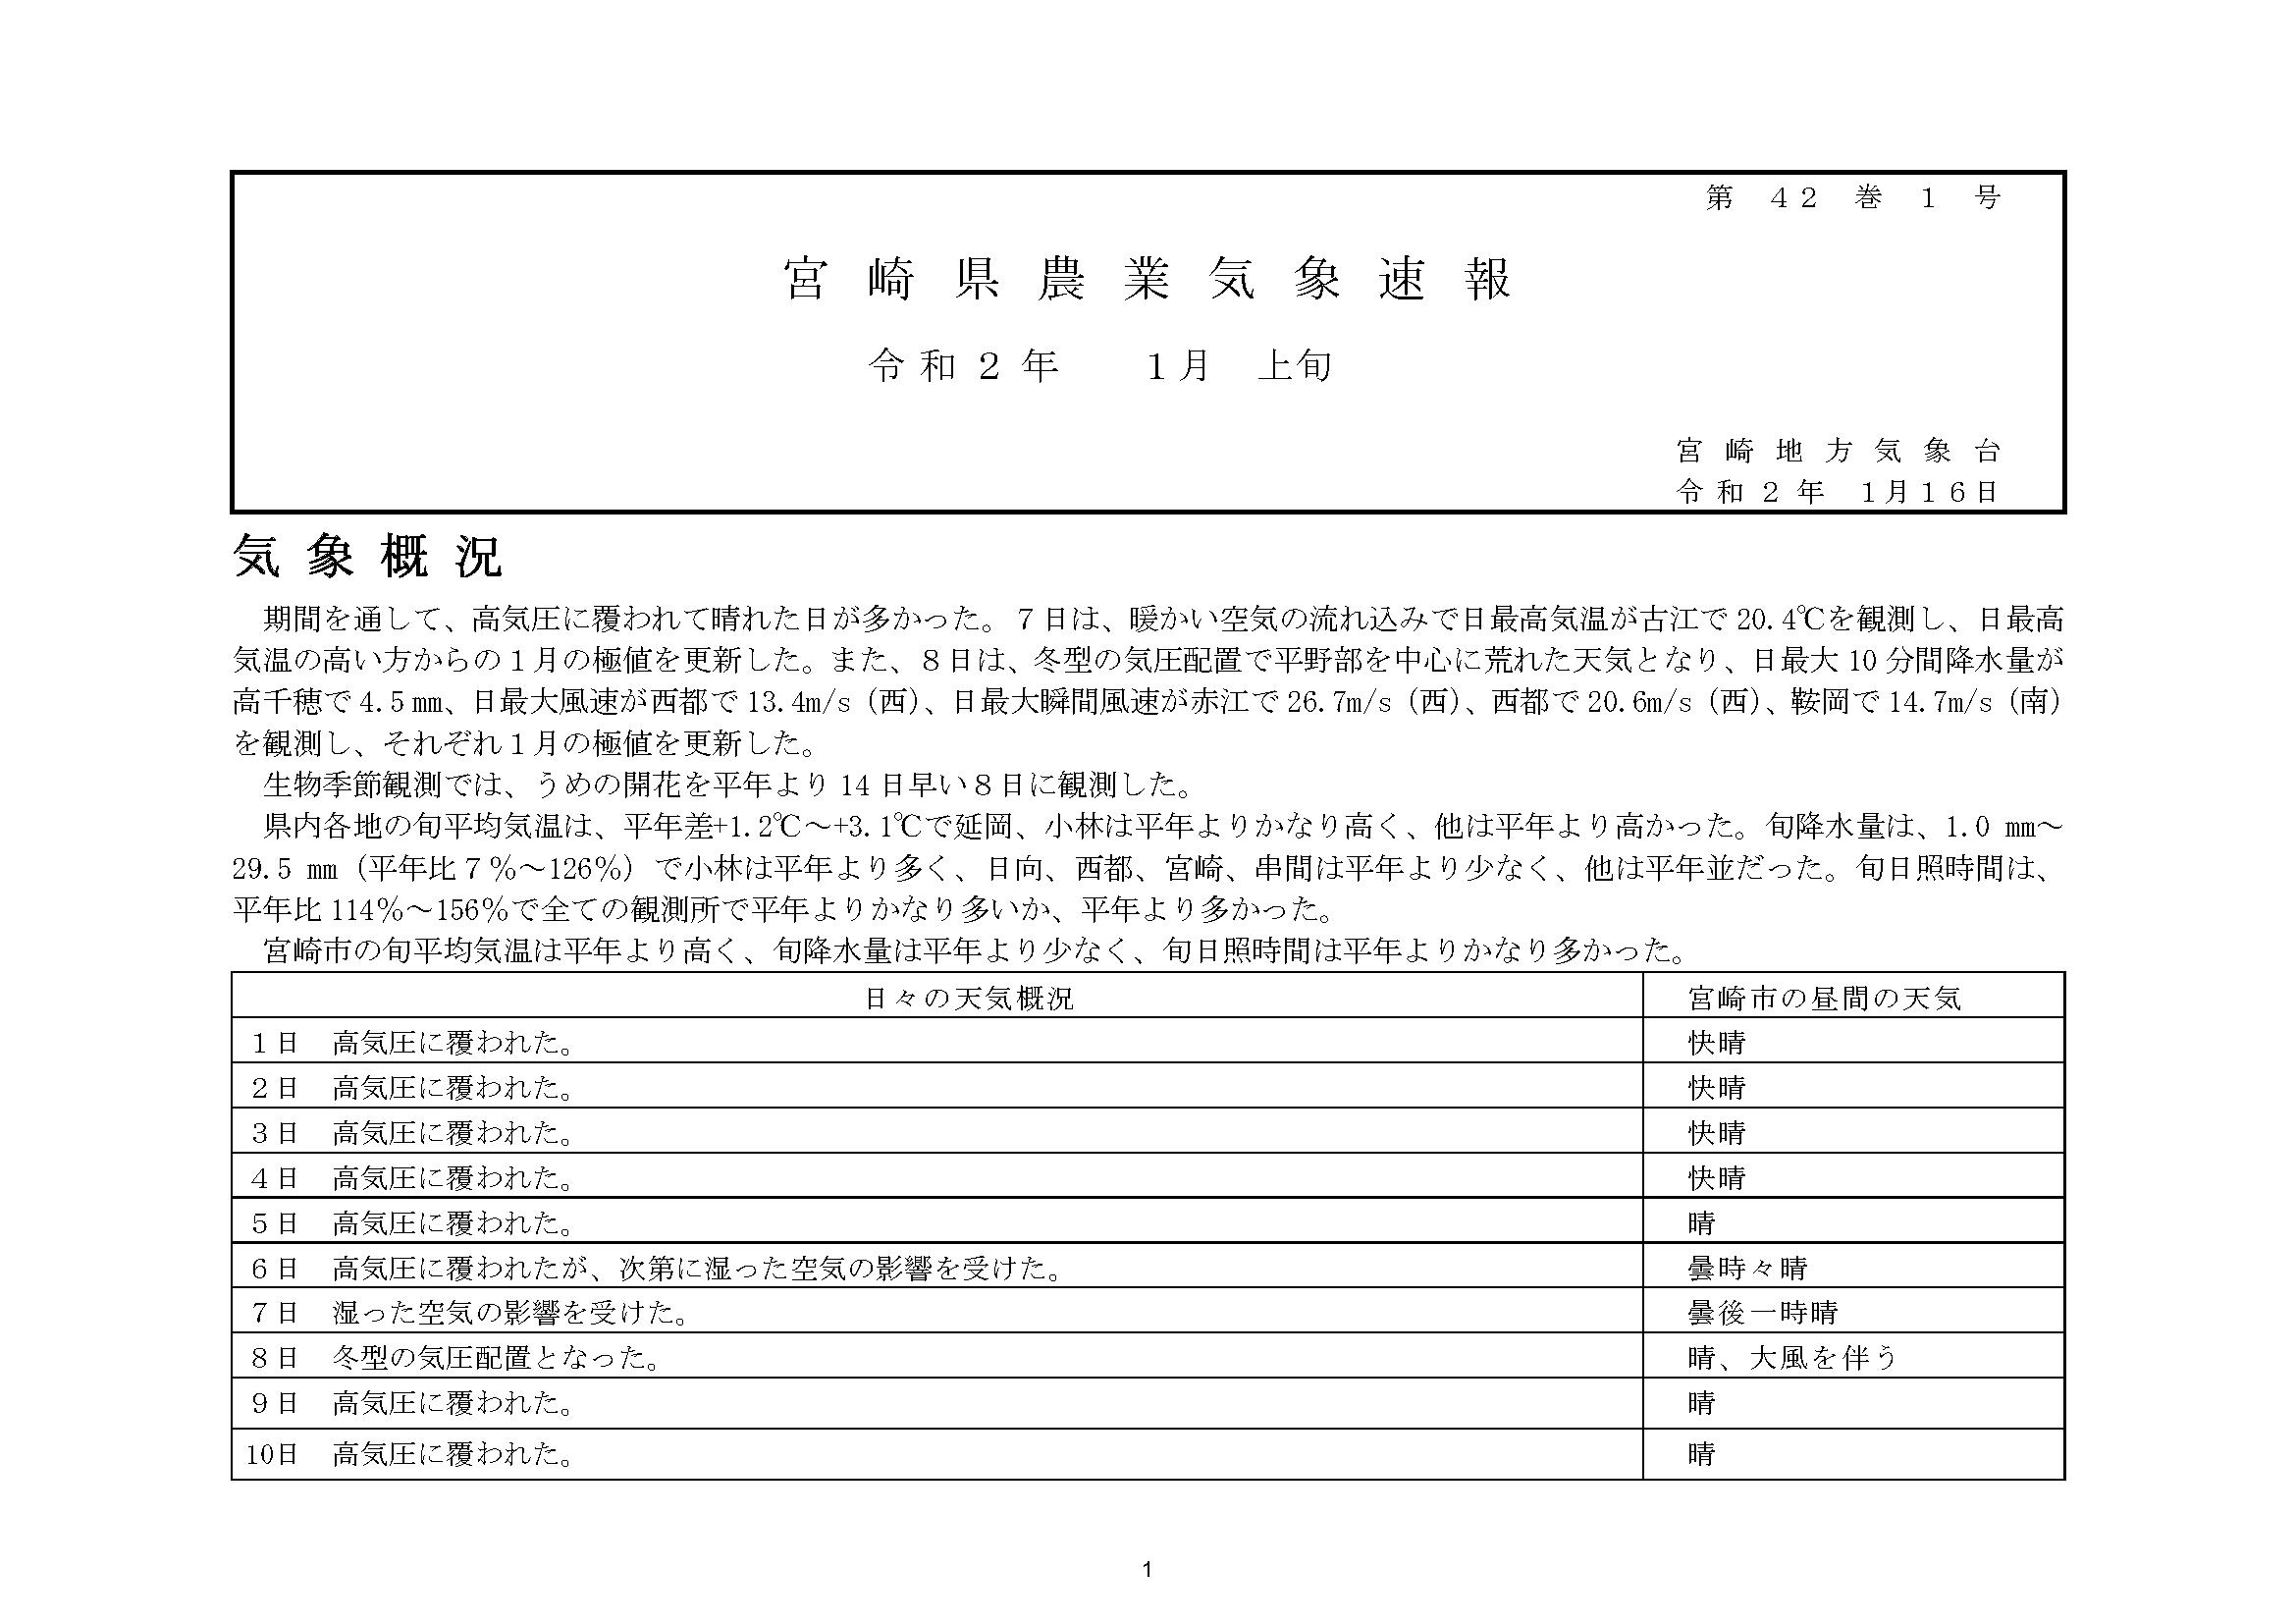 宮崎県農業気象速報令和2年1月上旬PDF